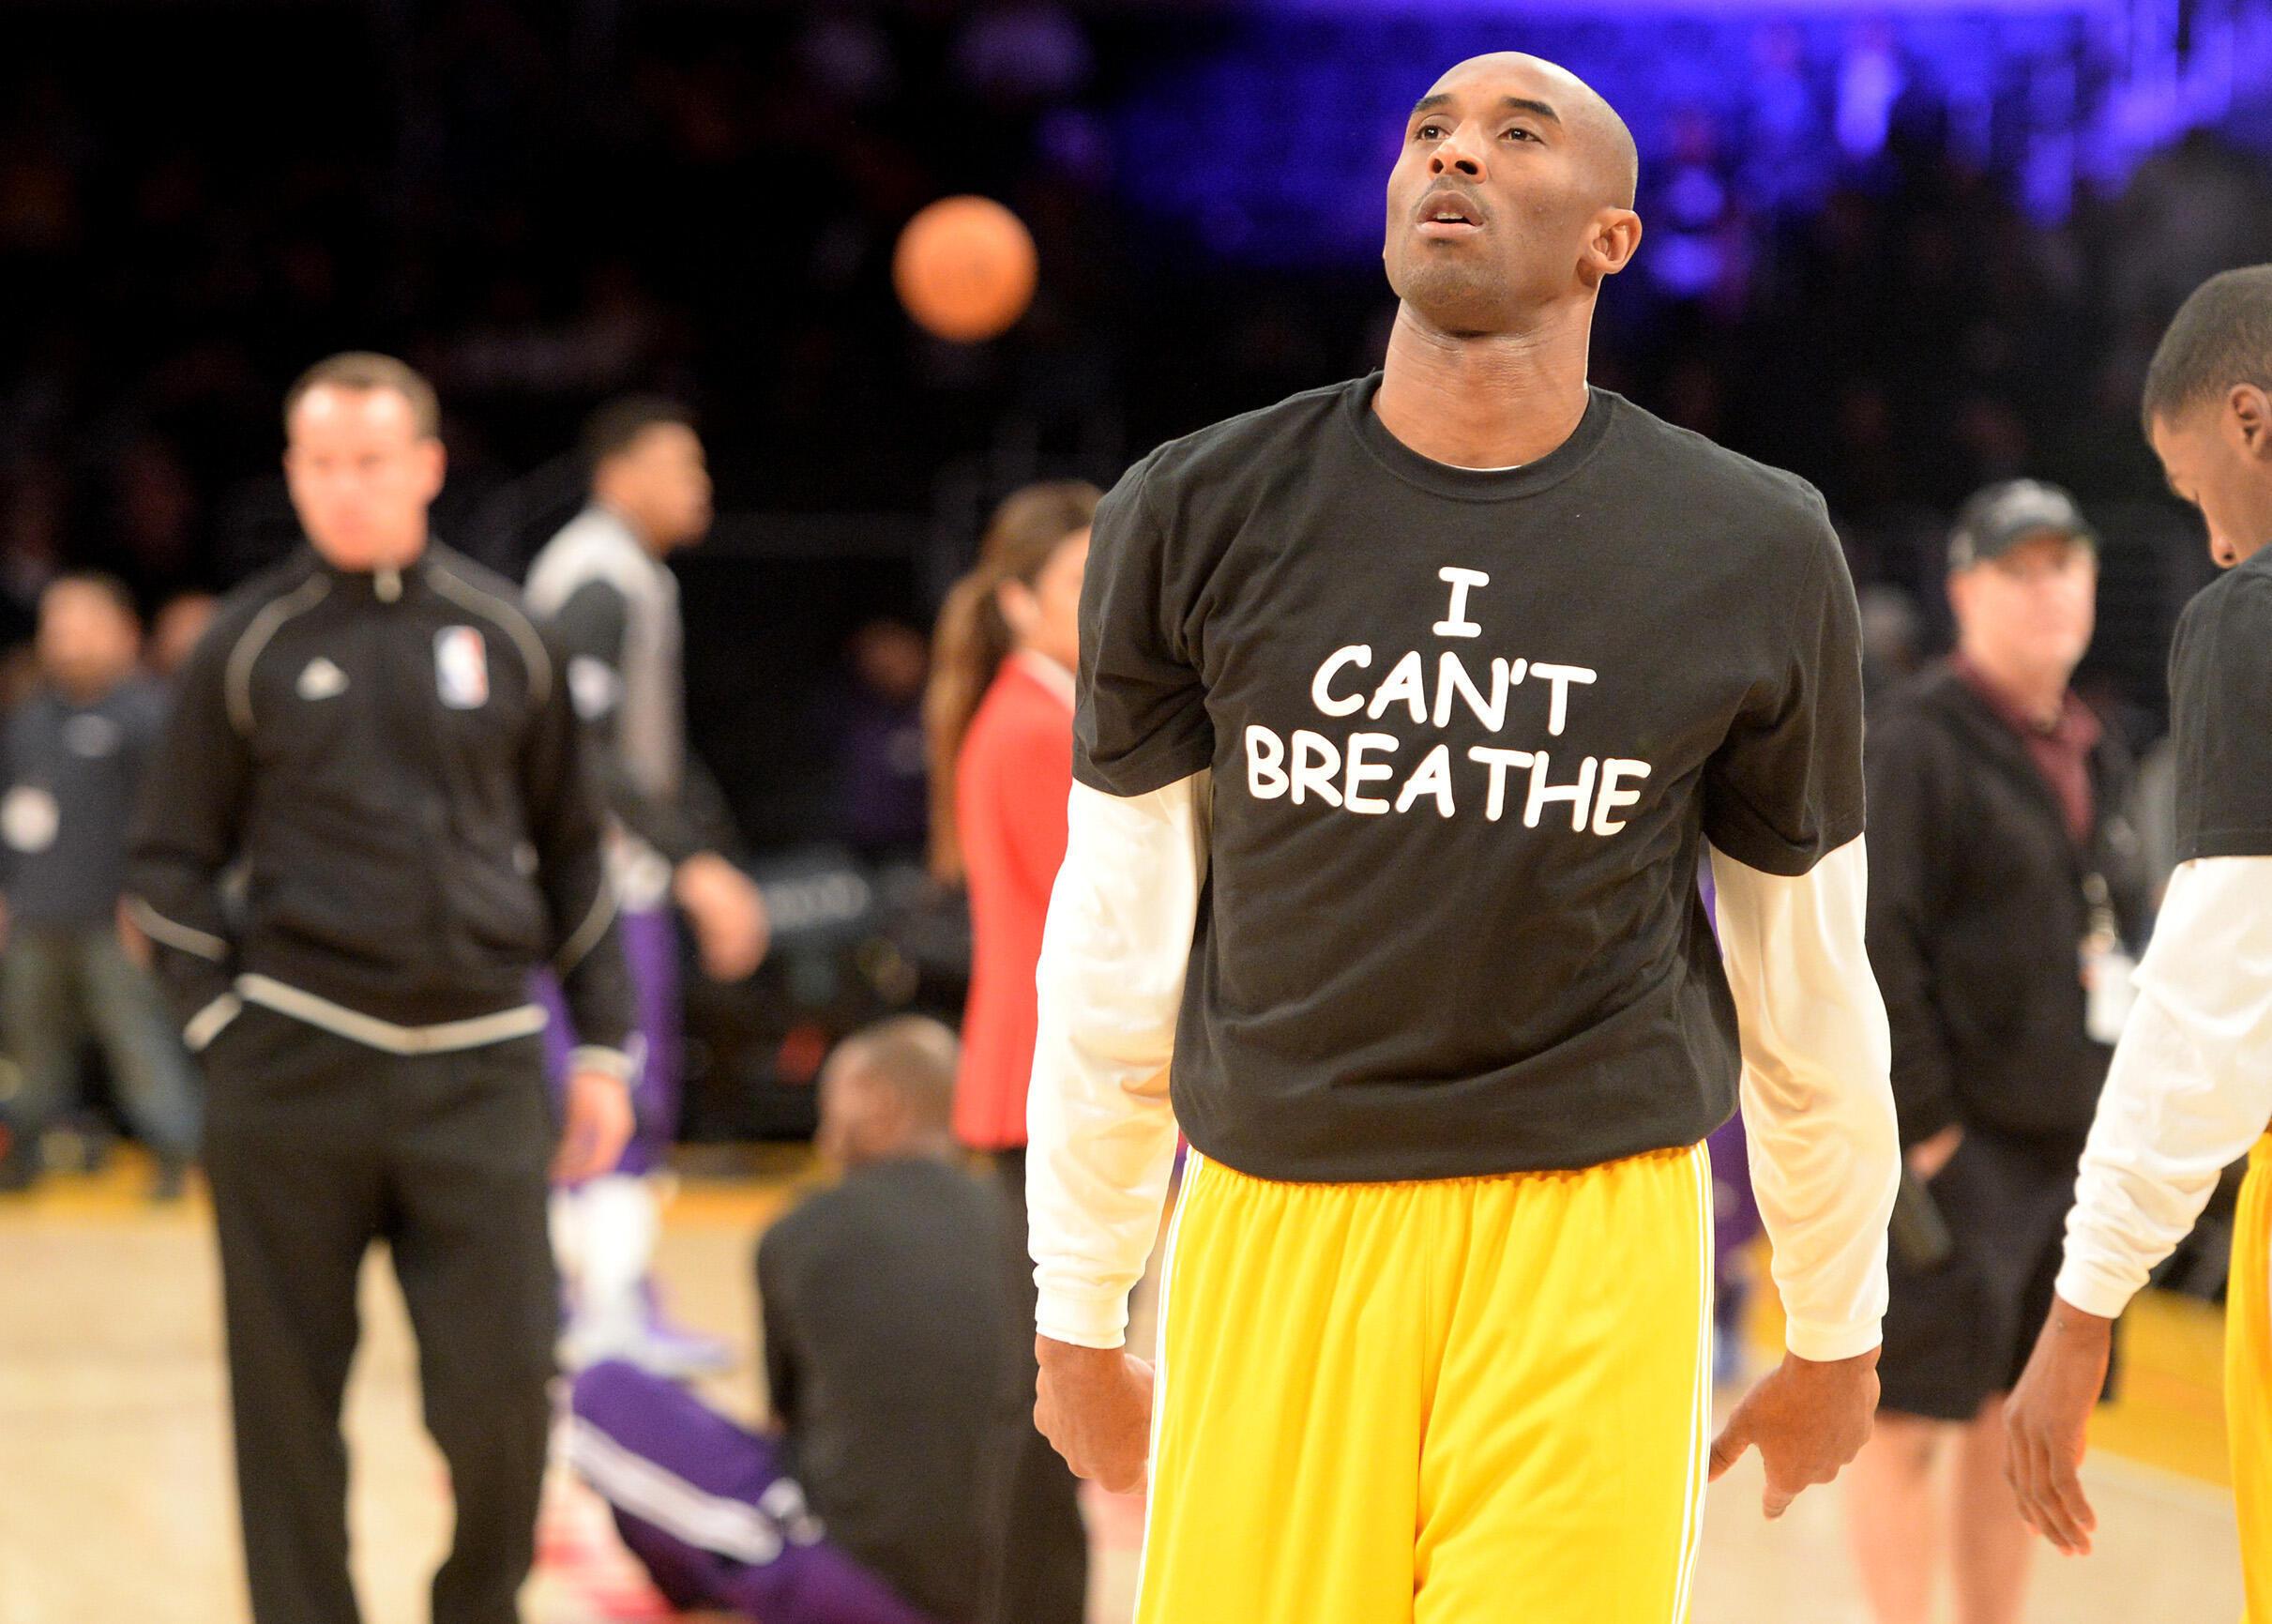 Kobe Bryant, joueur des Lakers, porte les derniers mots prononcés par Eric Garner «Je ne peux pas respirer», le 9 décembre 2014 à Los Angeles.